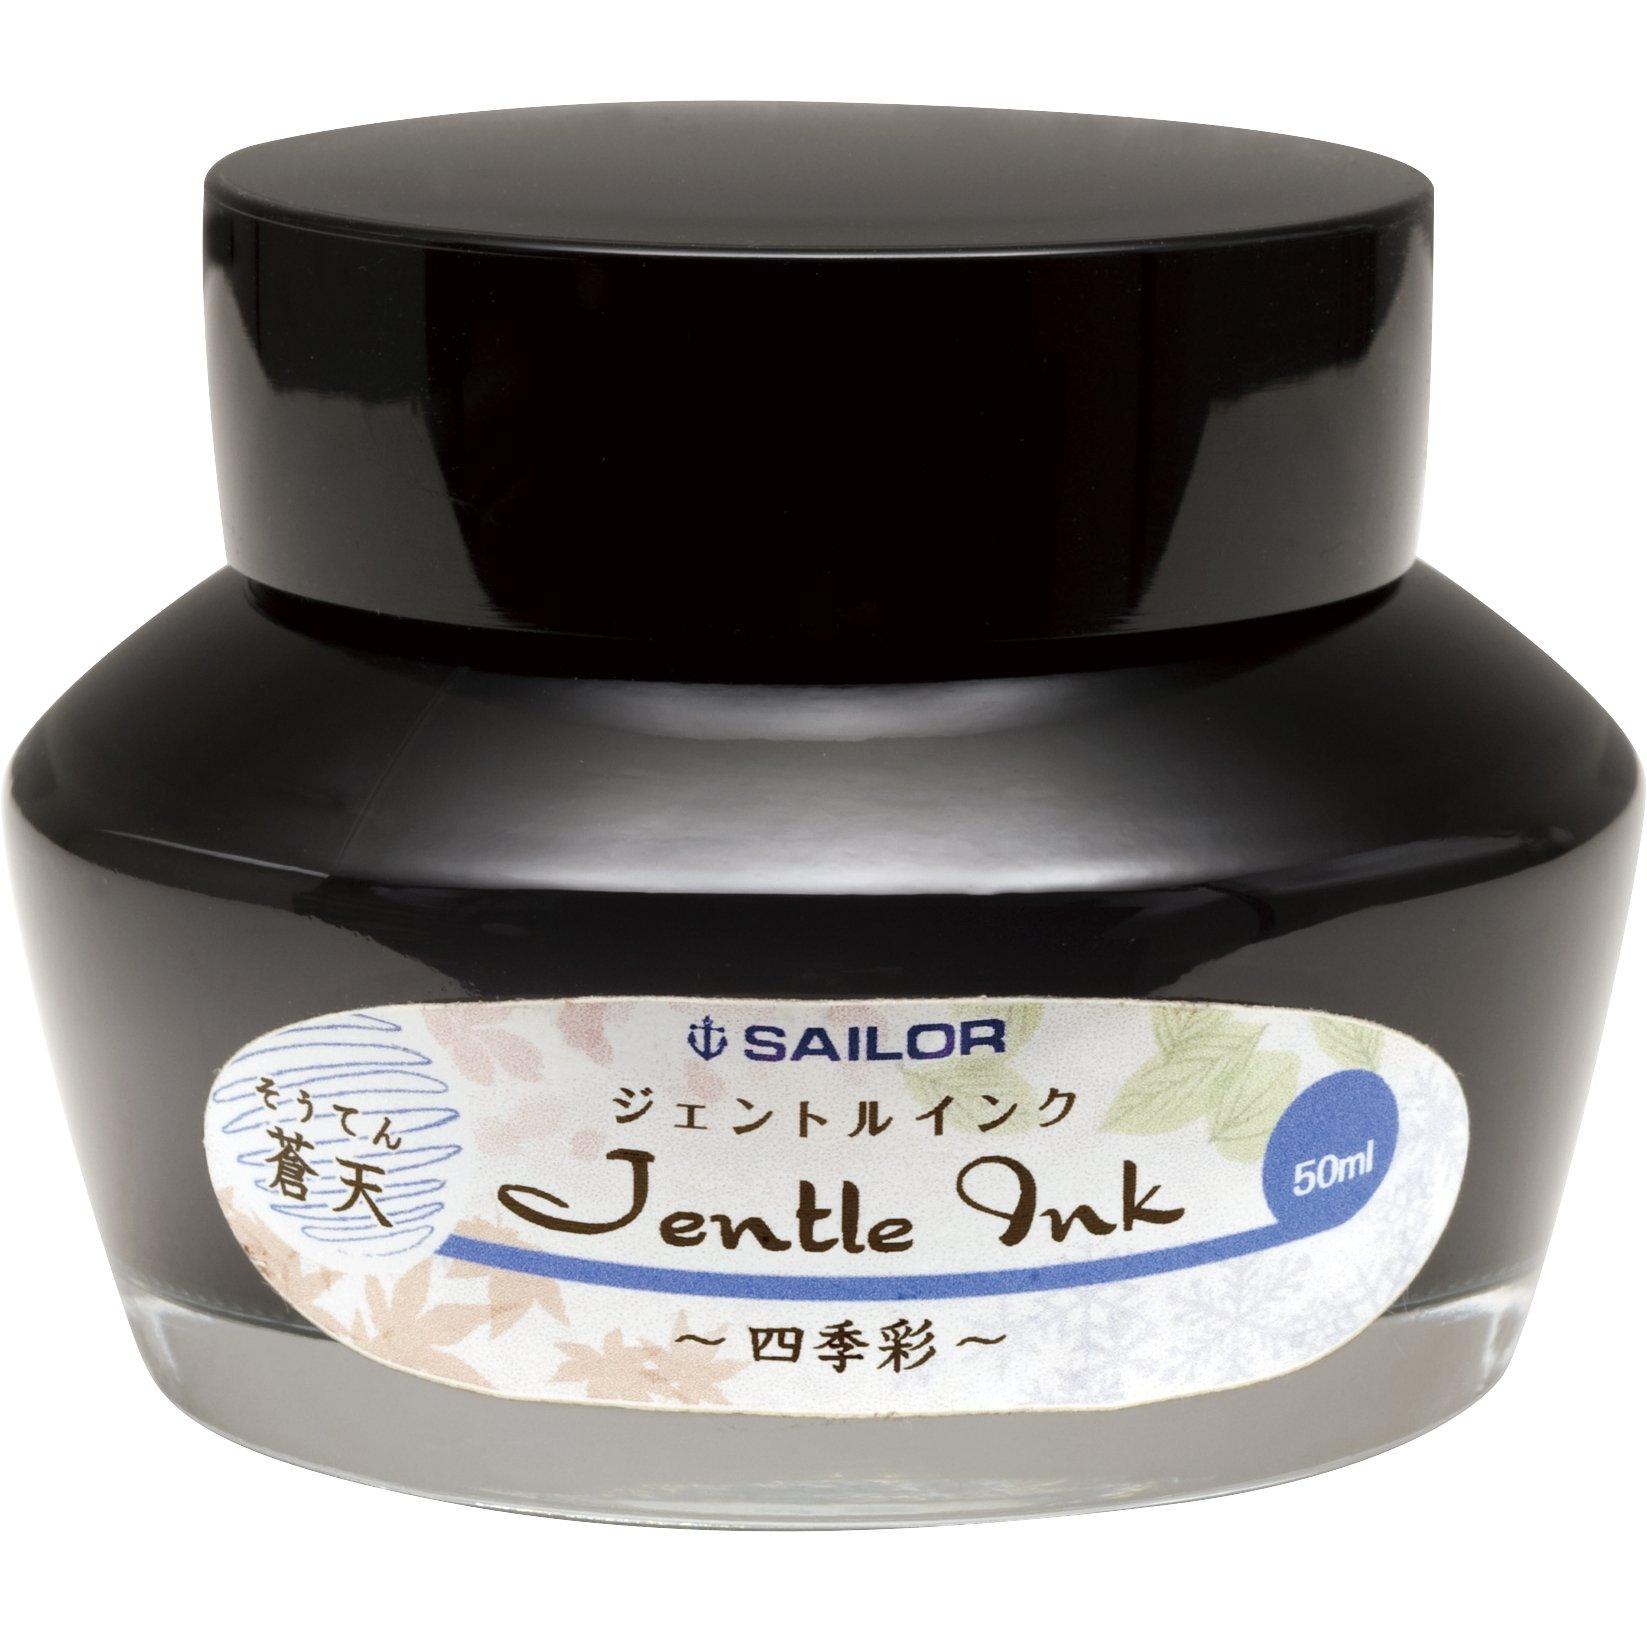 Sailor Ink Bottle Souten